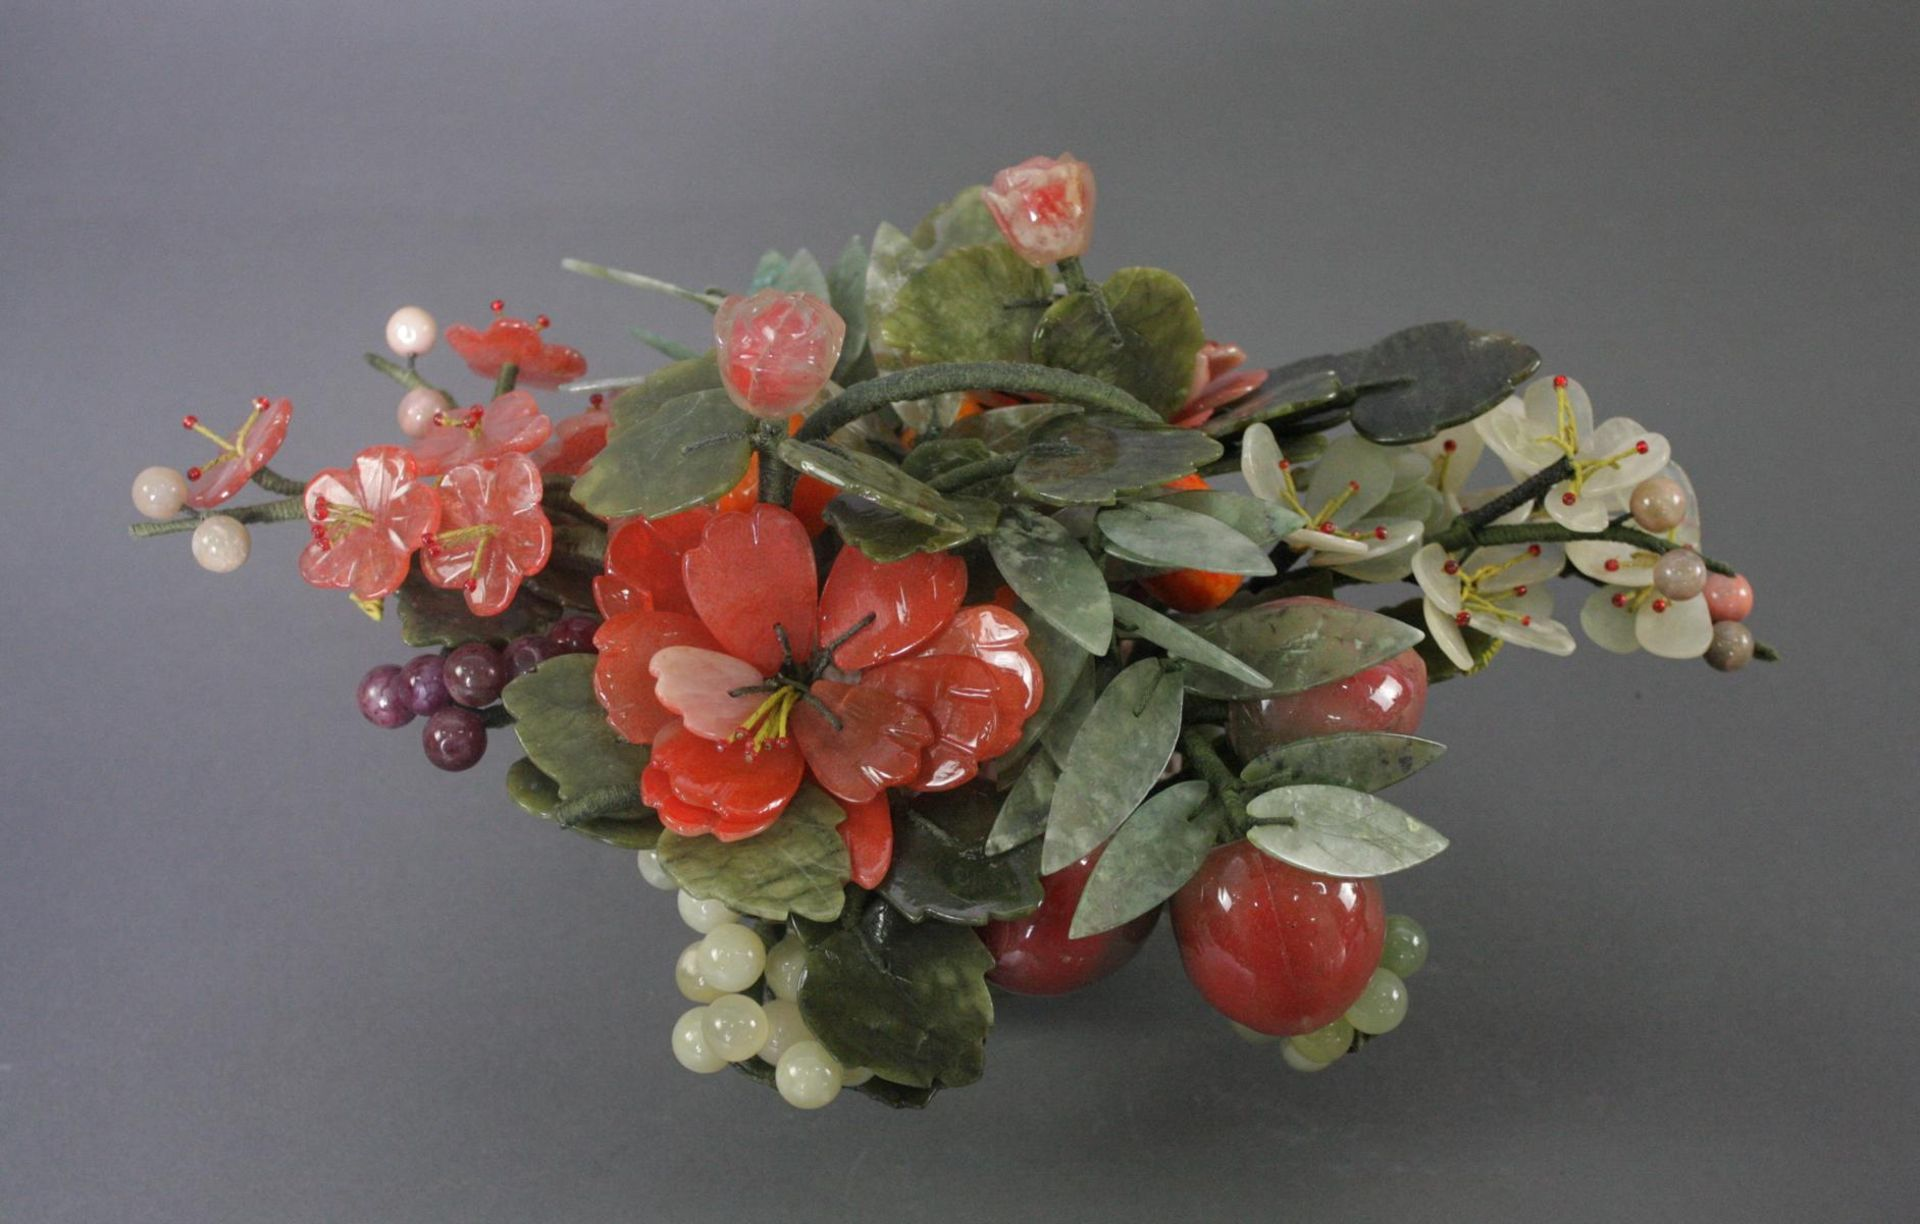 Edelstein-Konvolut / Tischdekoration - Bild 3 aus 4